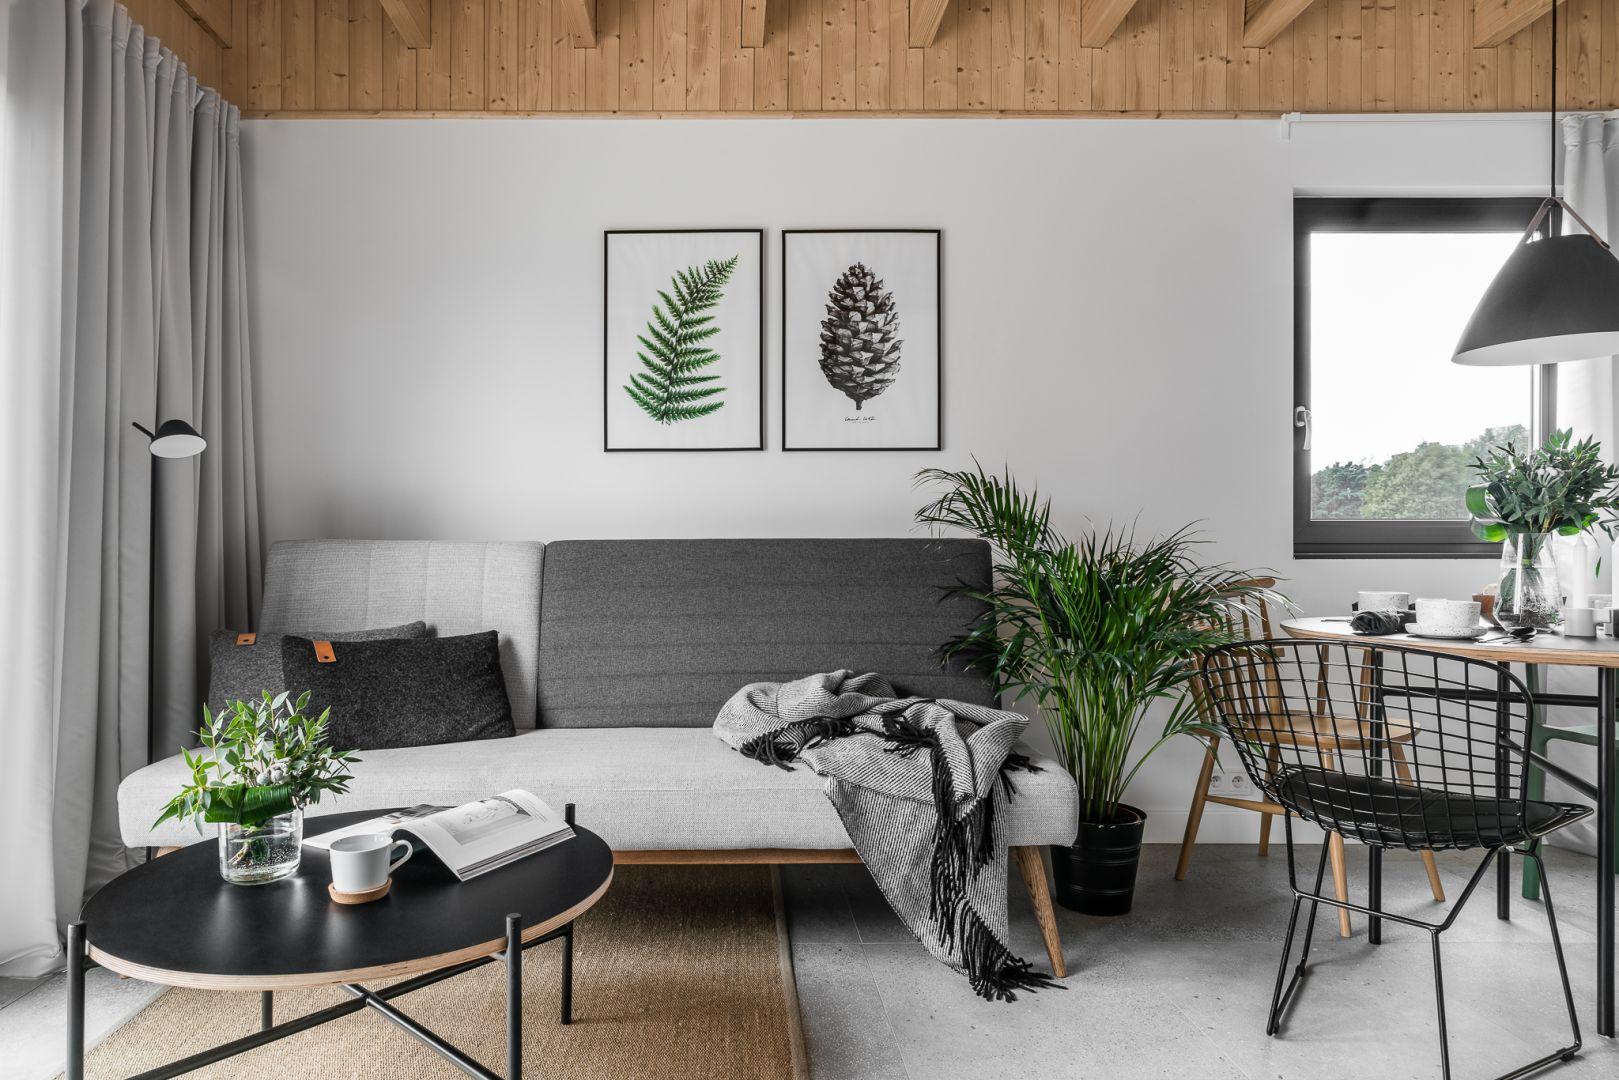 Biało-szary salon w skandynawskim stylu ożywiony pięknymi roślinami. Projekt: Raca Architekci. Fot. Fotomohito